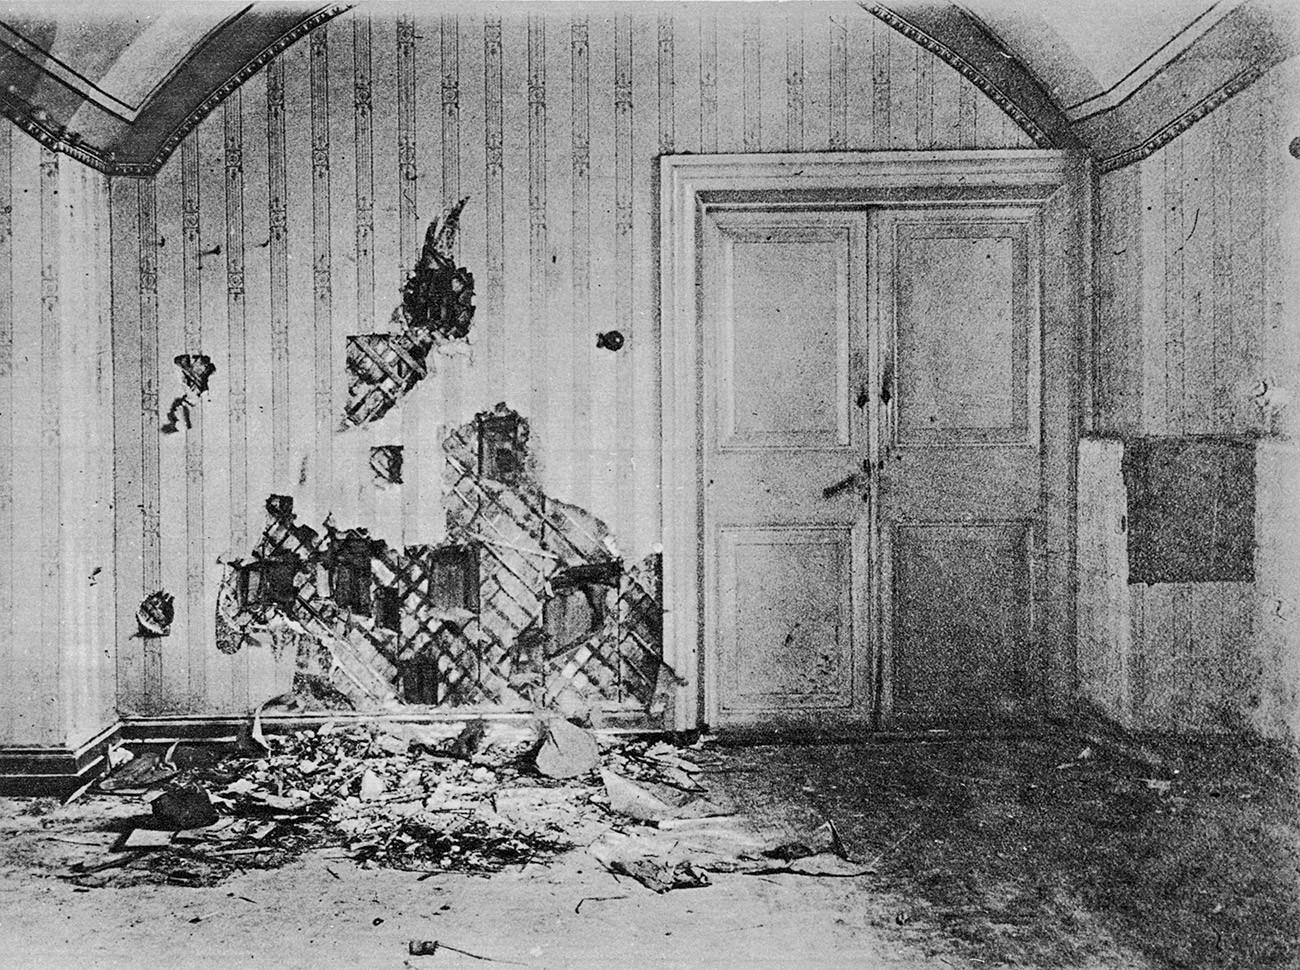 Podrumska prostorija u kući Ipatjeva u kojoj su strijeljani članovi carske obitelji i njihove sluge, 1918.